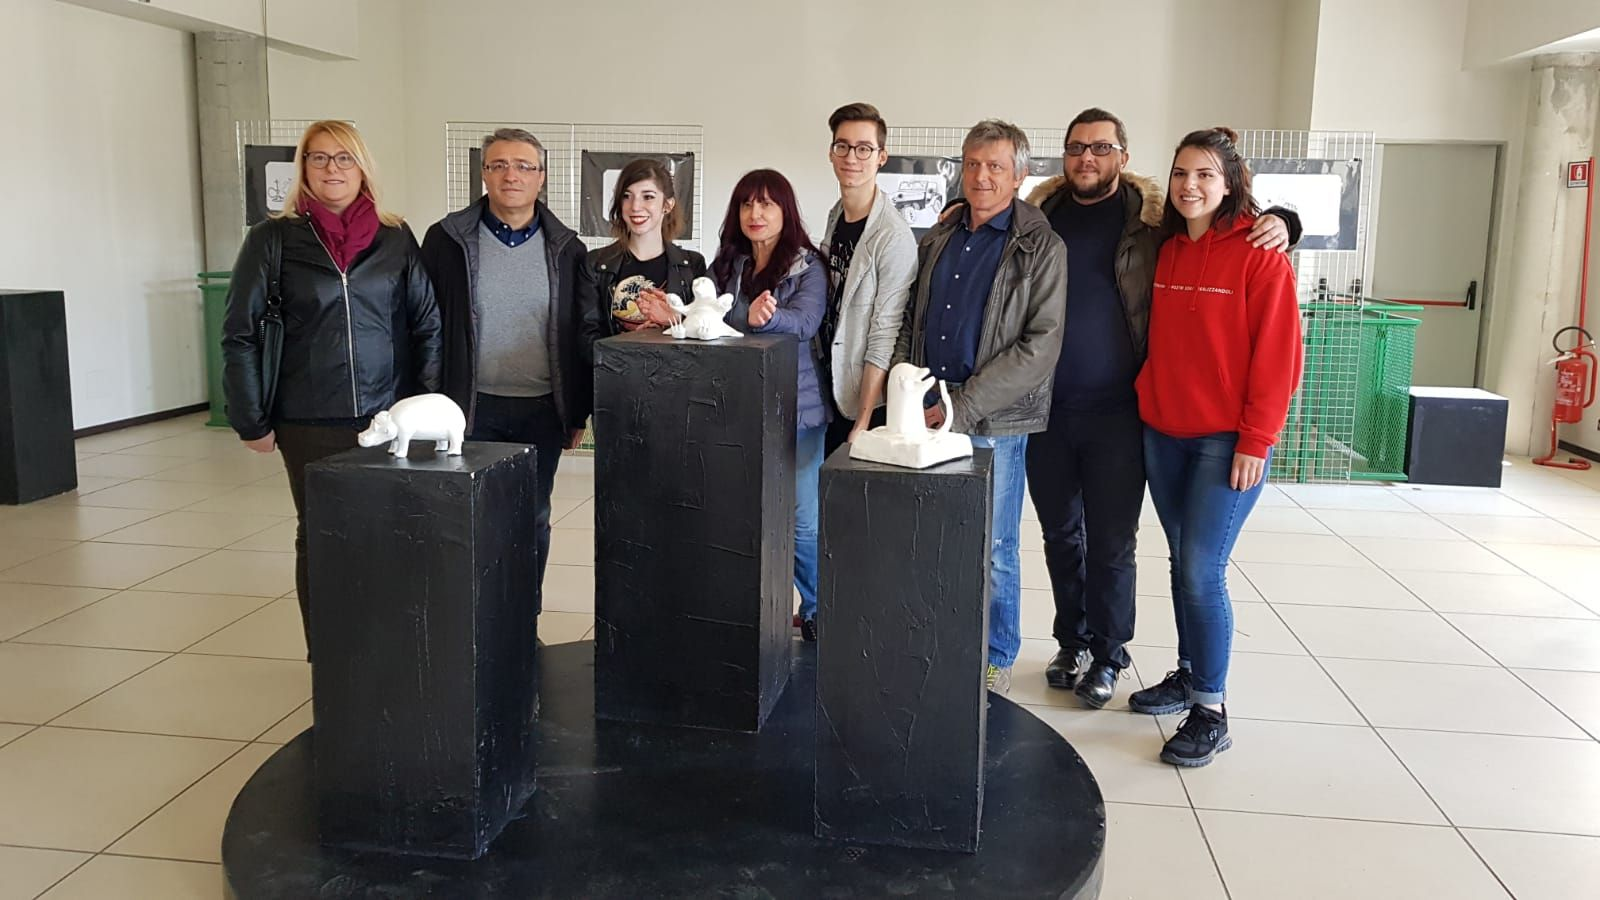 CASTELLAMONTE - Inaugurata la mostra «Quegli animali inimmaginabili» - FOTO